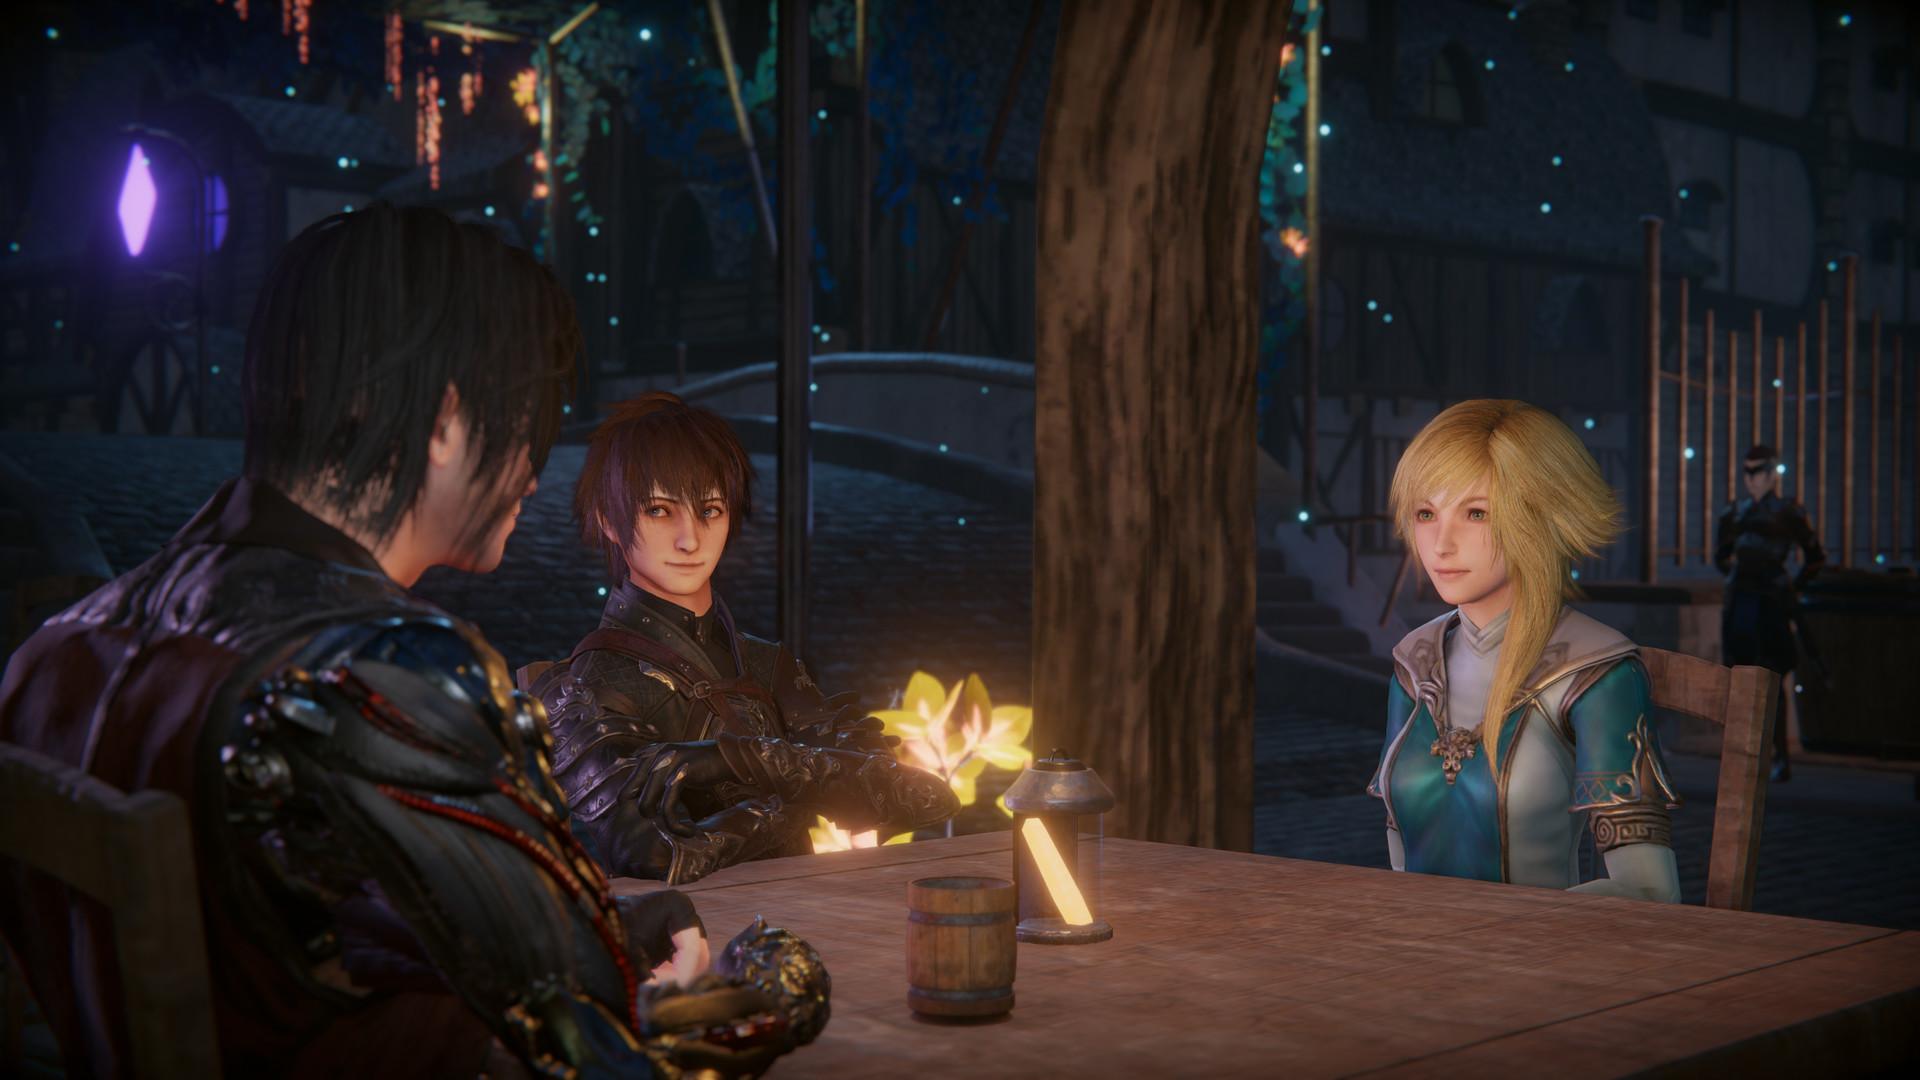 日系角色扮演游戏《永恒边缘》确认将于2021年初发售